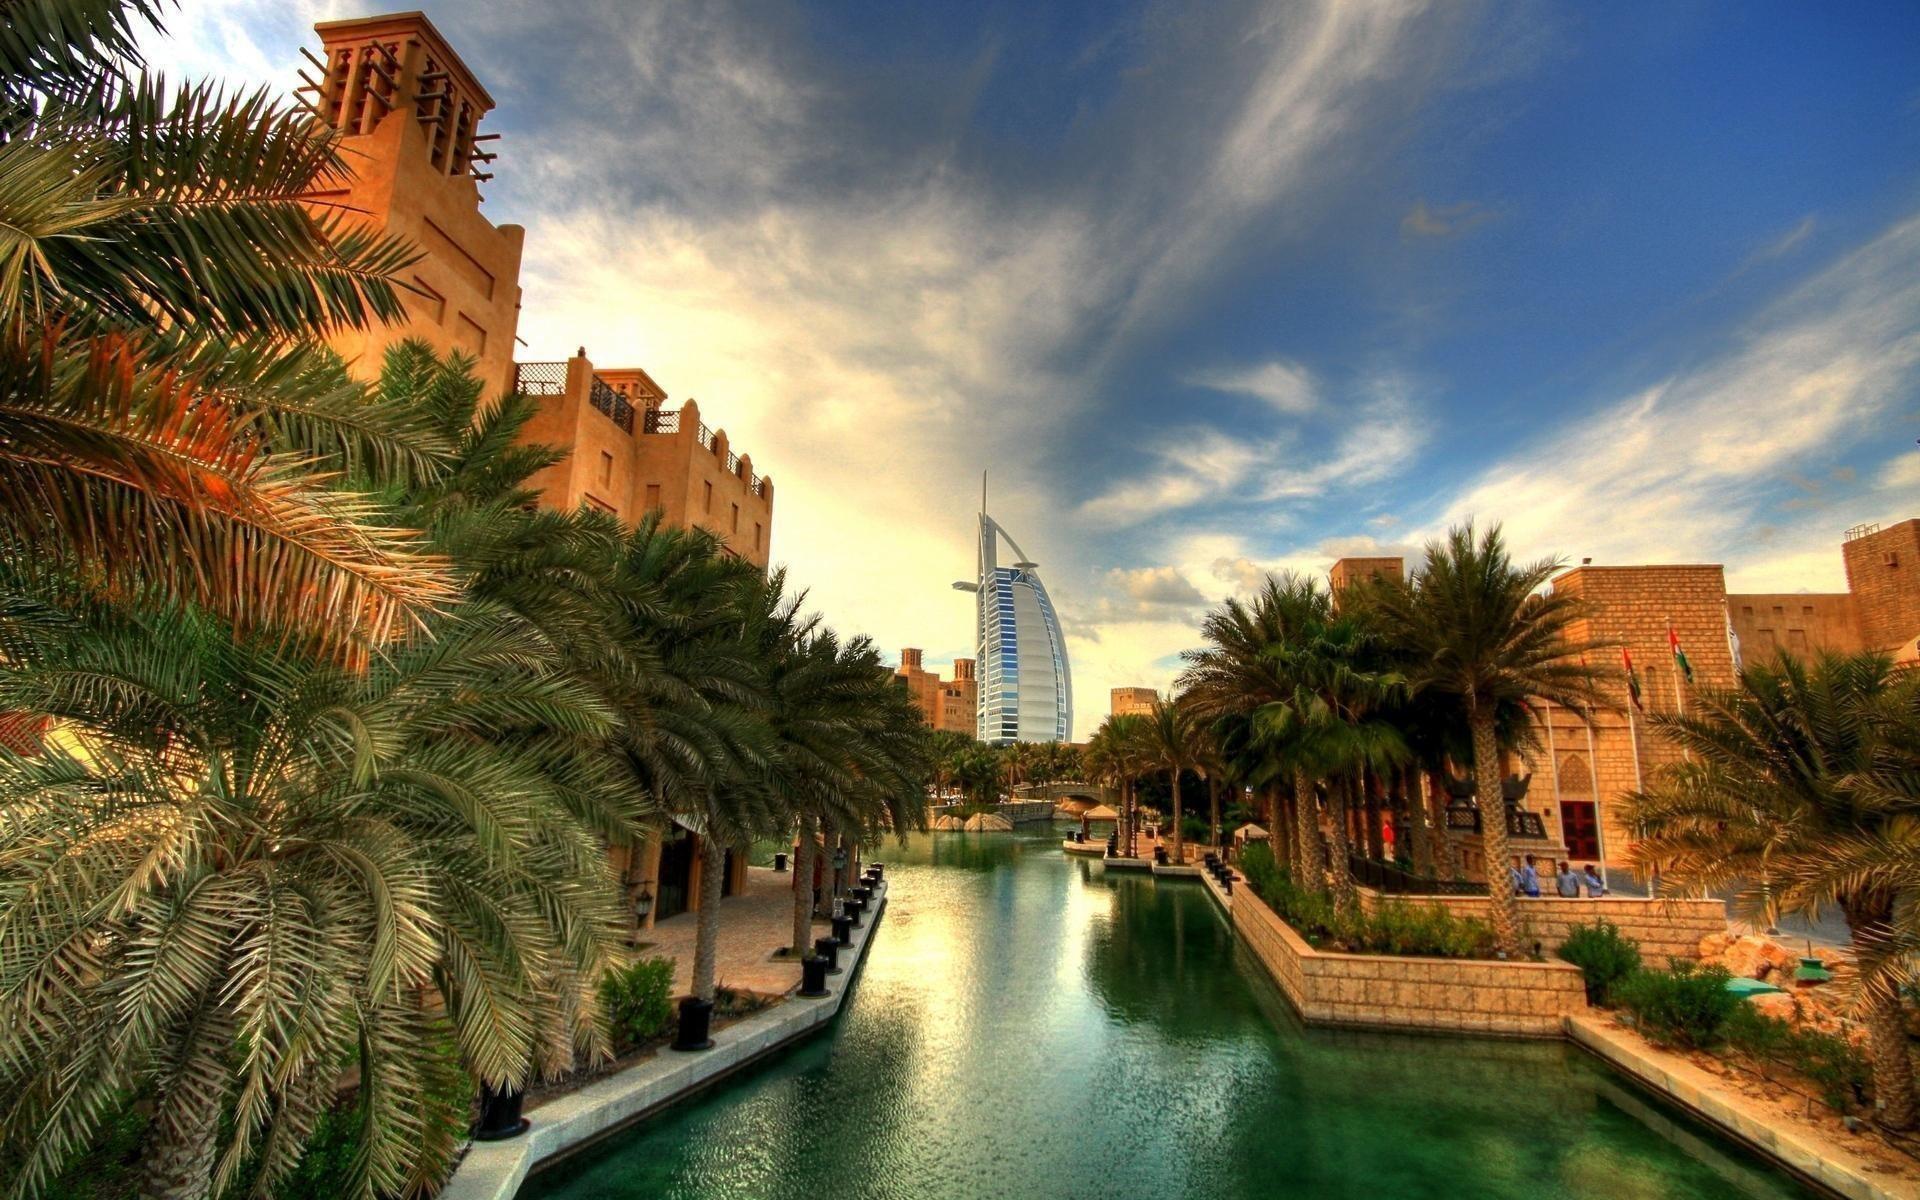 Ramadan Wallpaper Iphone Burj Al Arab Wallpapers Pictures Images